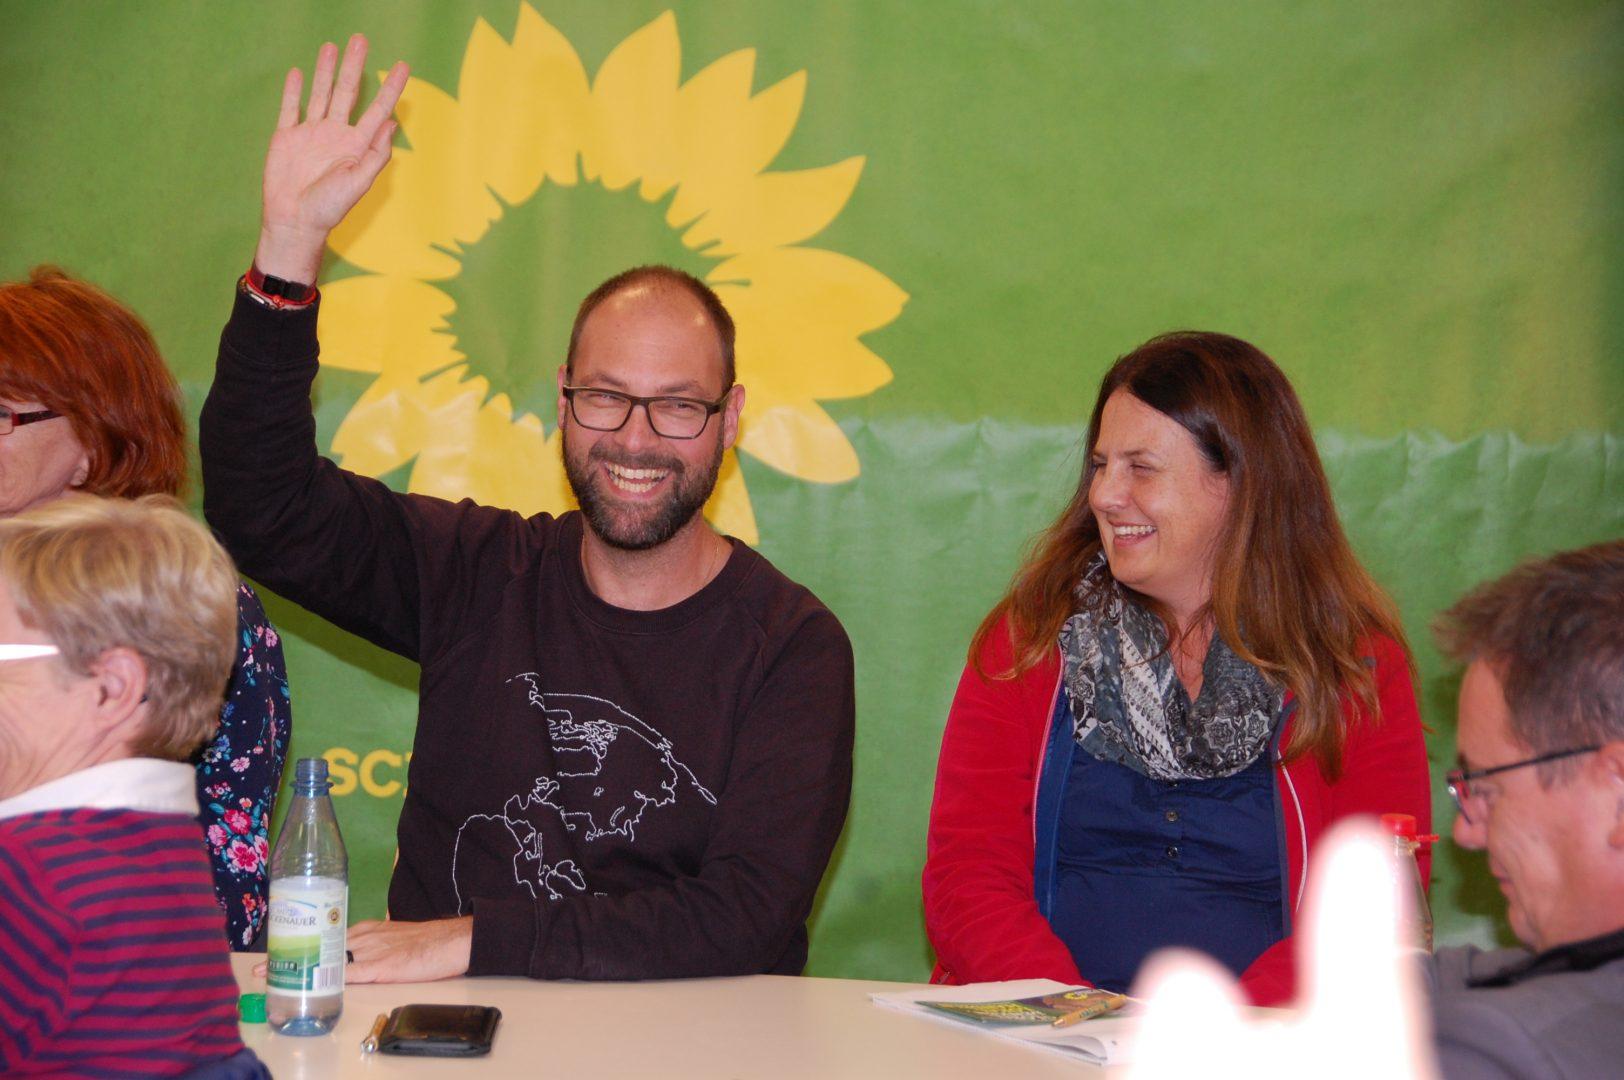 Gute Stimmung bei der Gründung des grünen Ortsverbandes in Gochsen: Ein Teilnehmer hebt die Hand zur Abstimmung